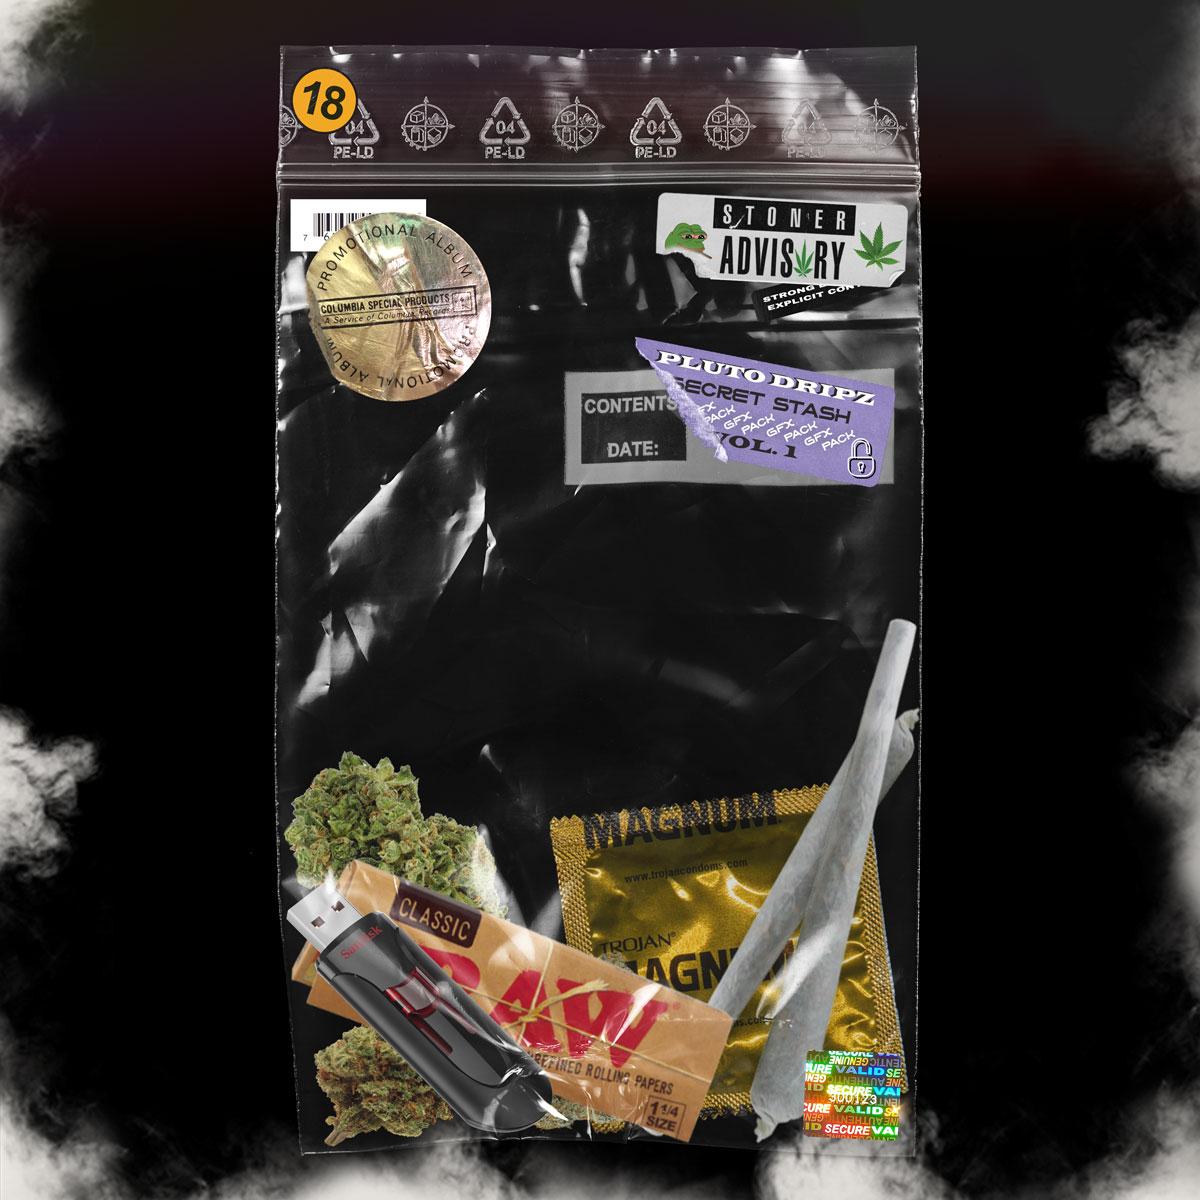 [单独购买] 256款潮流镭射专辑CD封面贴纸塑料膜故障纹理背景图片设计素材套装 Pluto Dripz – Secret Stash Vol. 1 (GFX Pack)插图